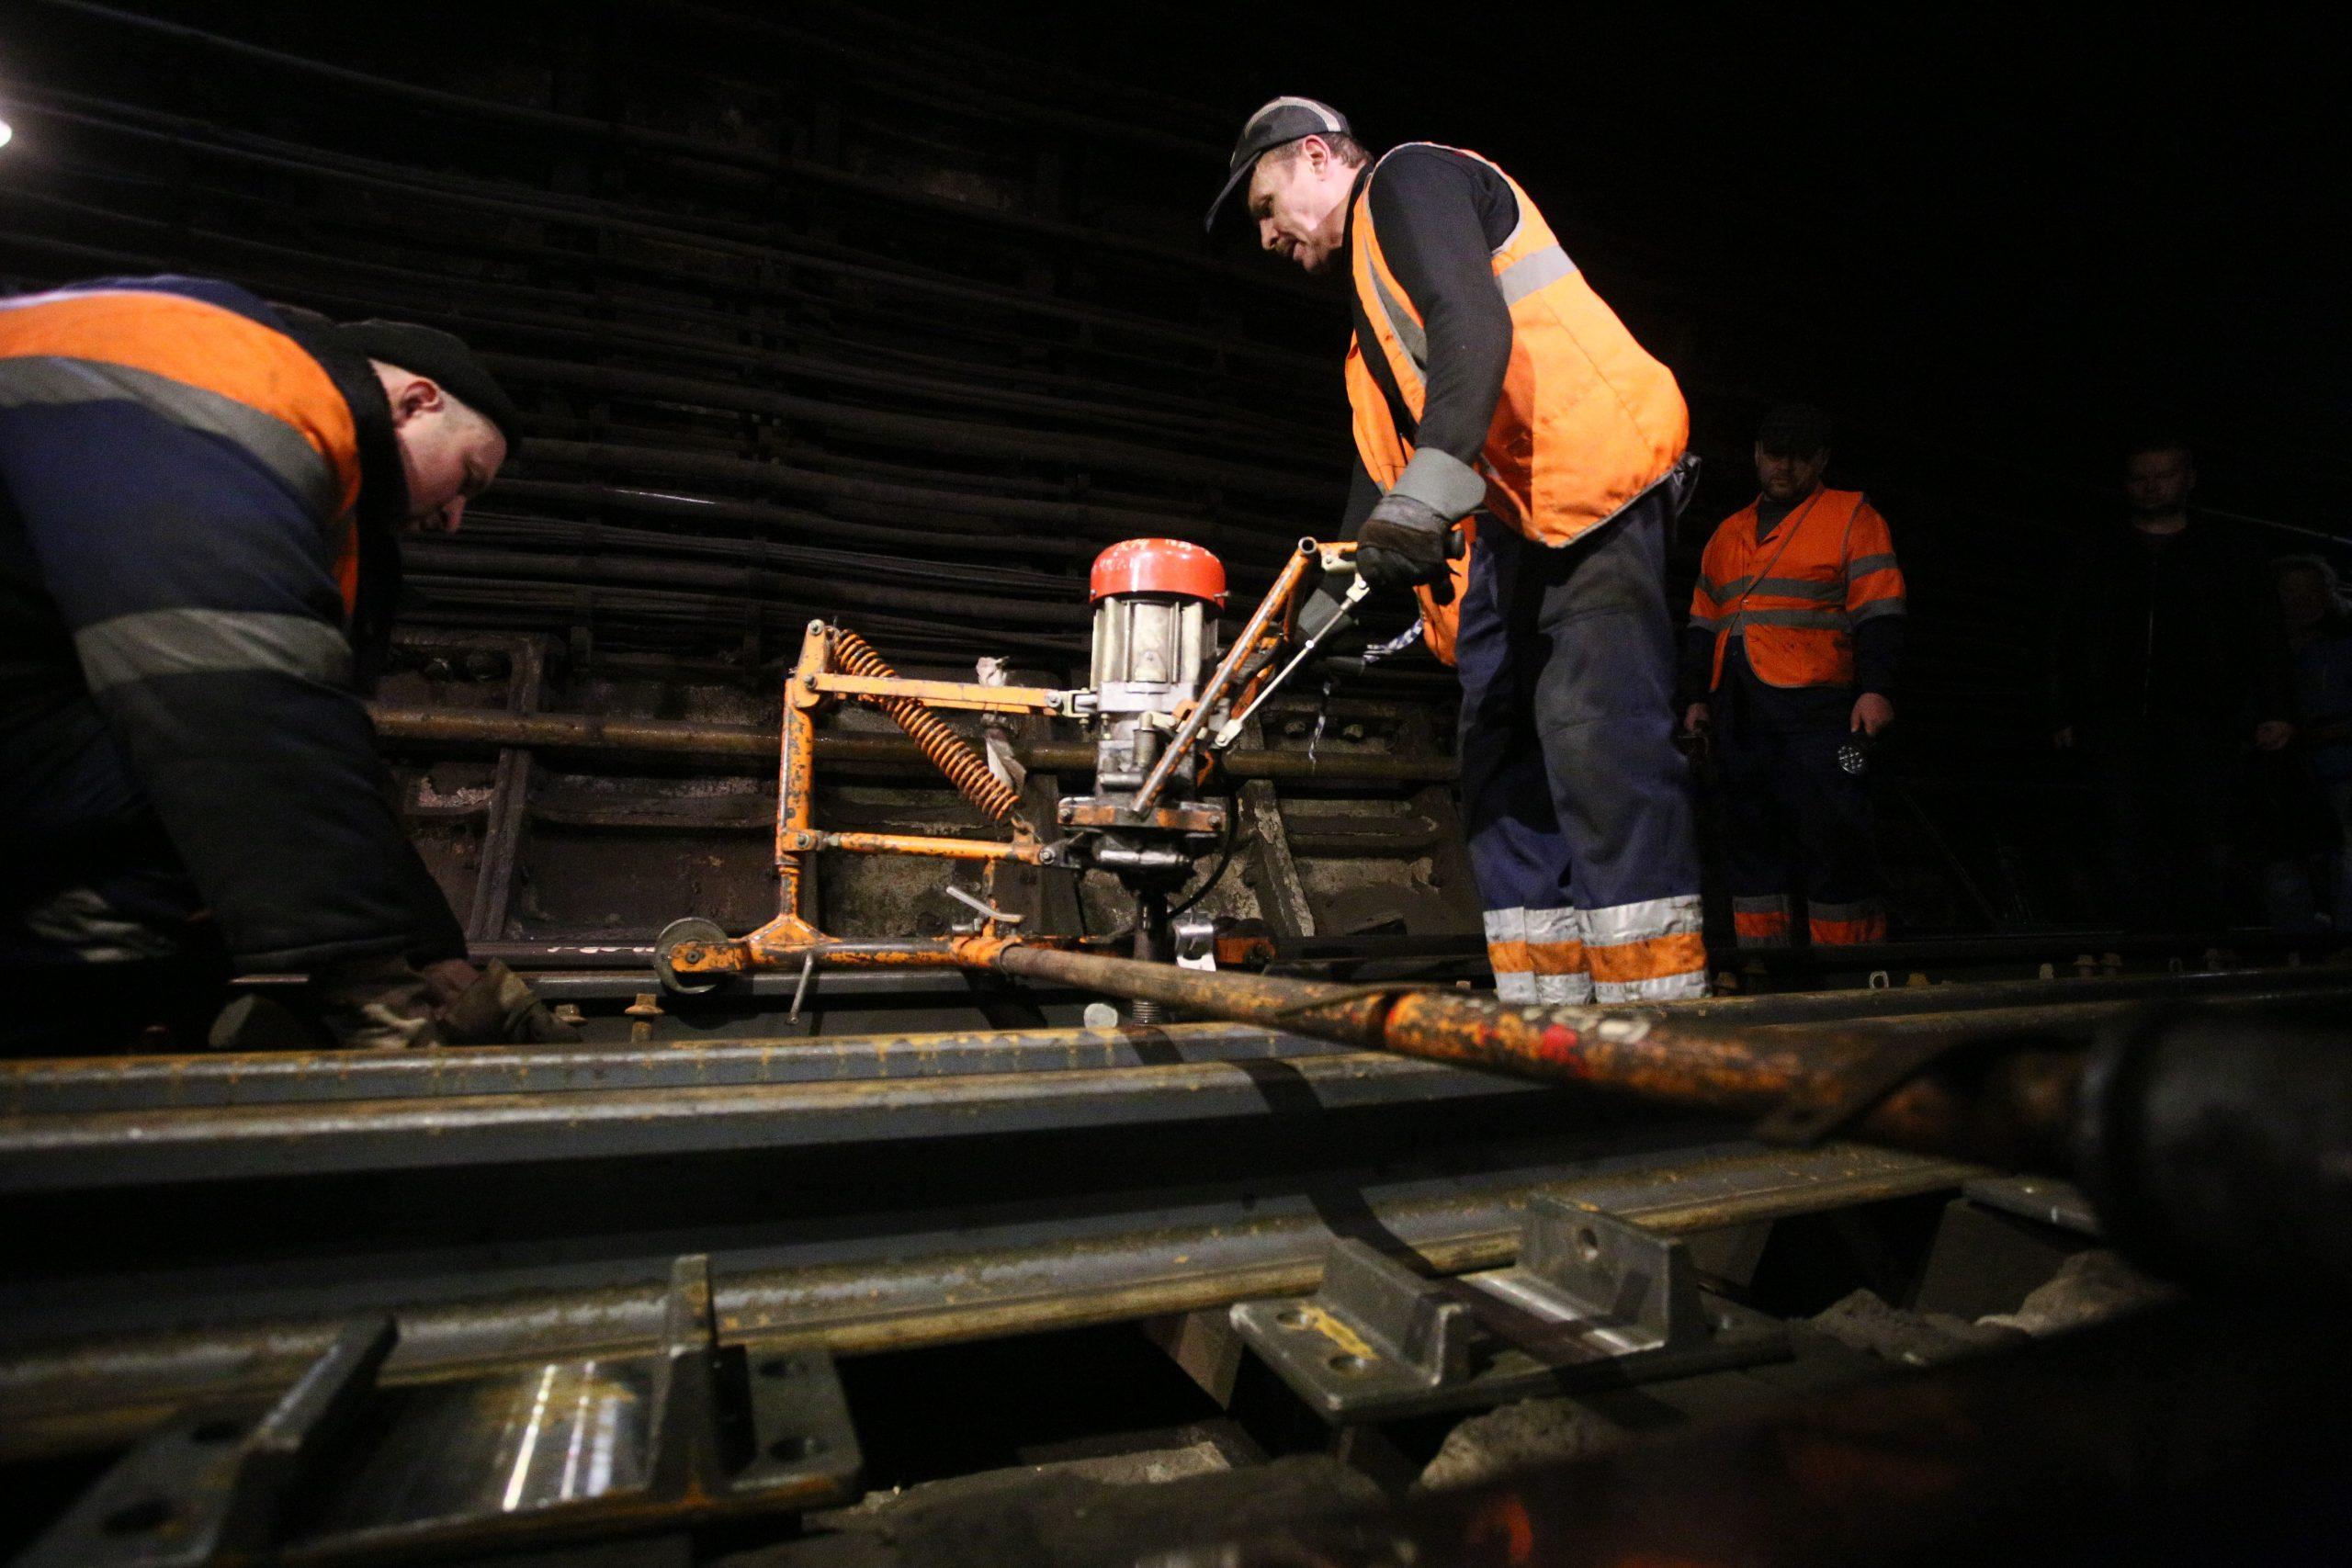 Метро Москвы возобновит движение по закрытому участку оранжевой линии на три дня раньше